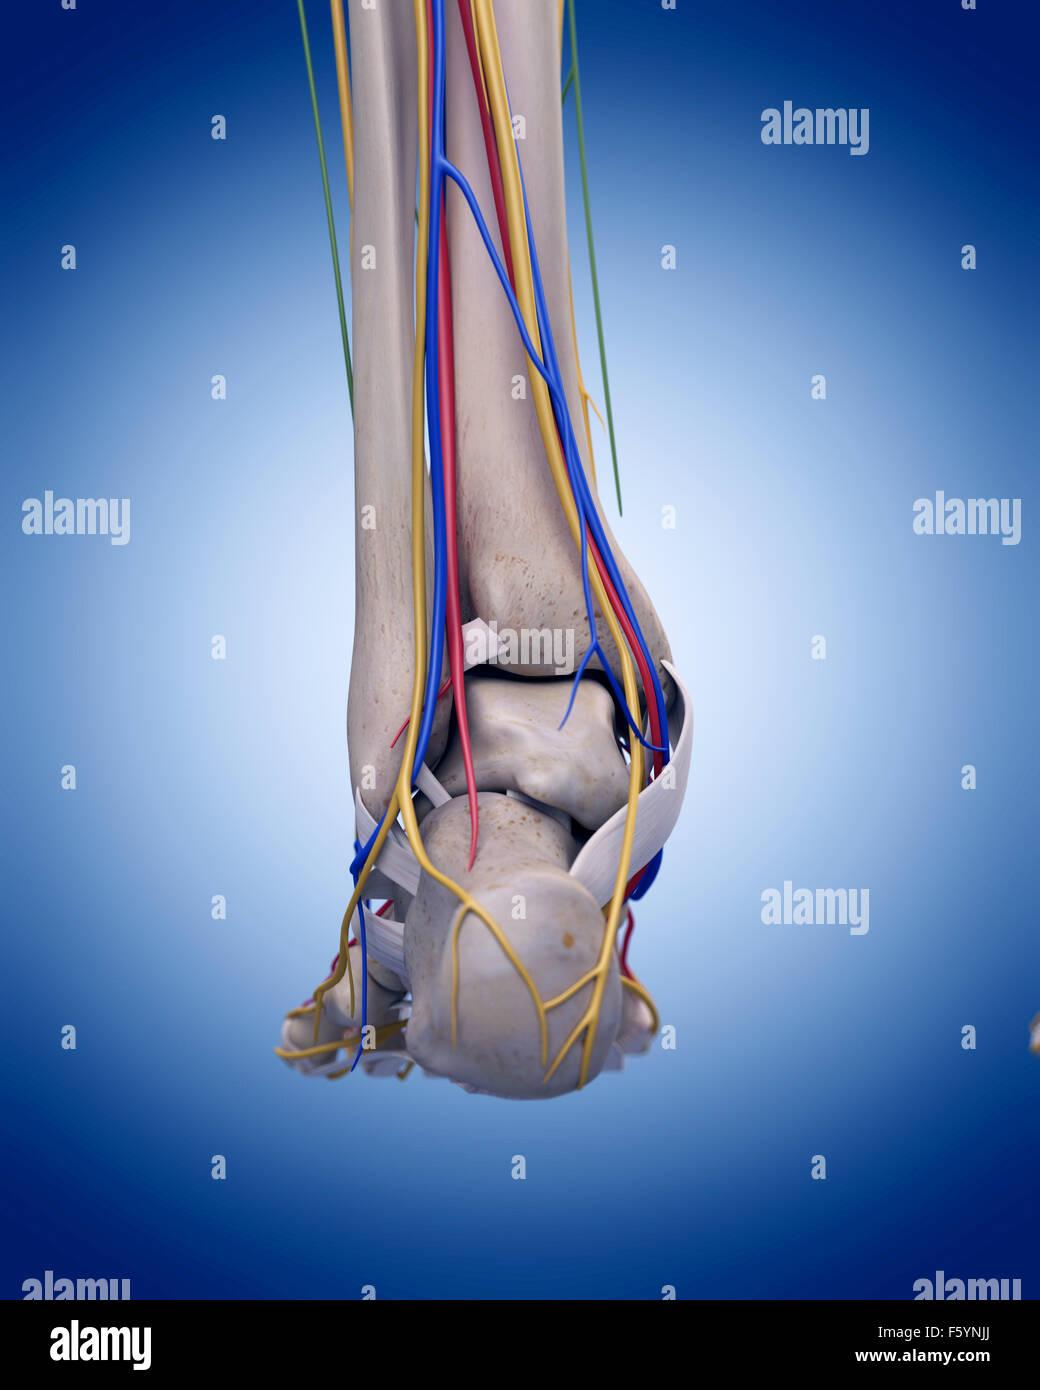 medizinisch genaue Darstellung der Anatomie des Fußes Stockfoto ...